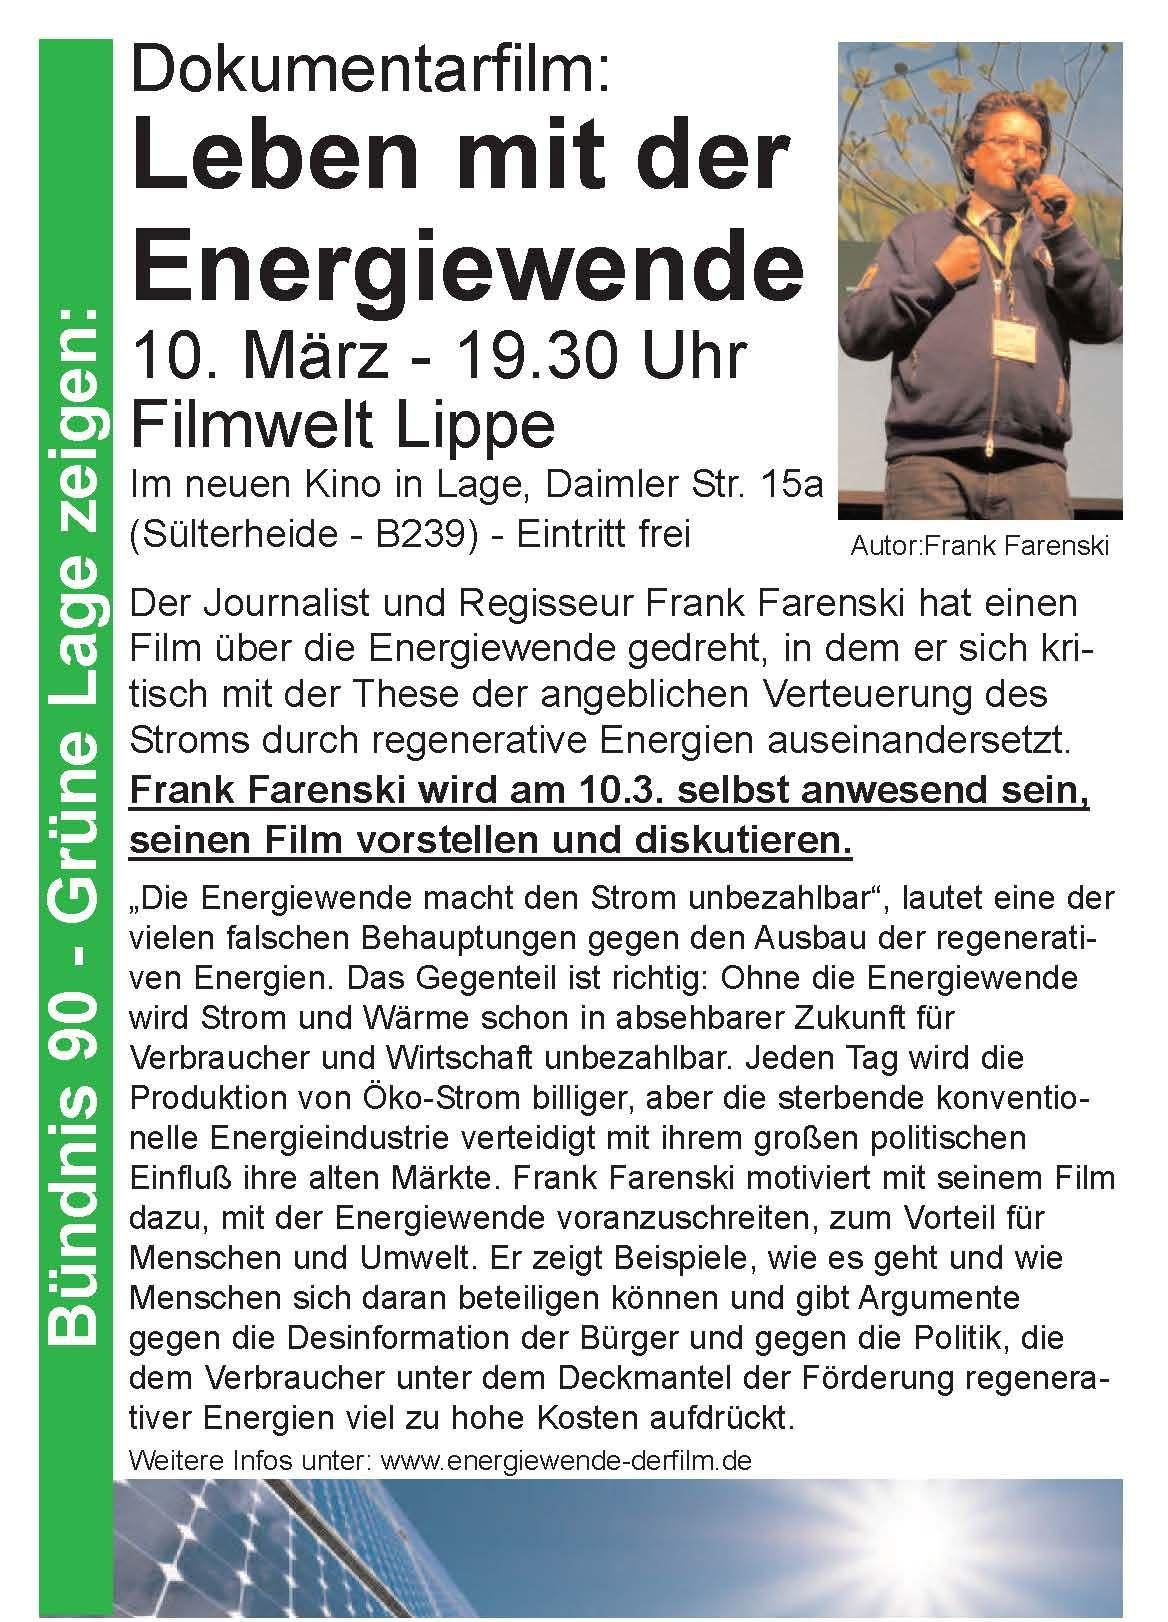 14-Flyer-Energiewende-1-pro-Seite